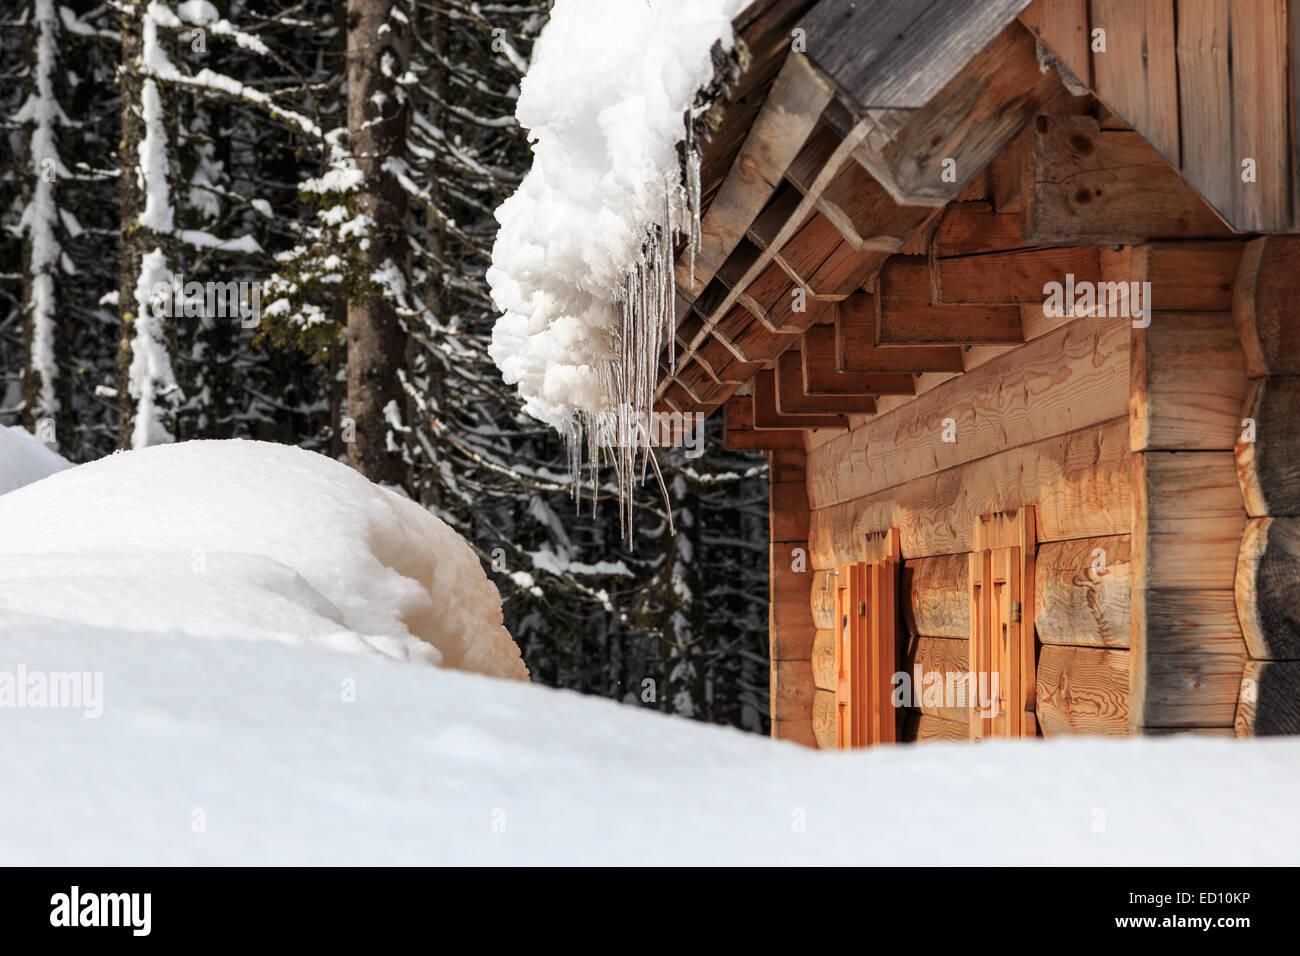 Paisaje de invierno pinos y caba as cubiertas con nieve pokljuka eslovenia foto imagen de - Cabana invierno ...